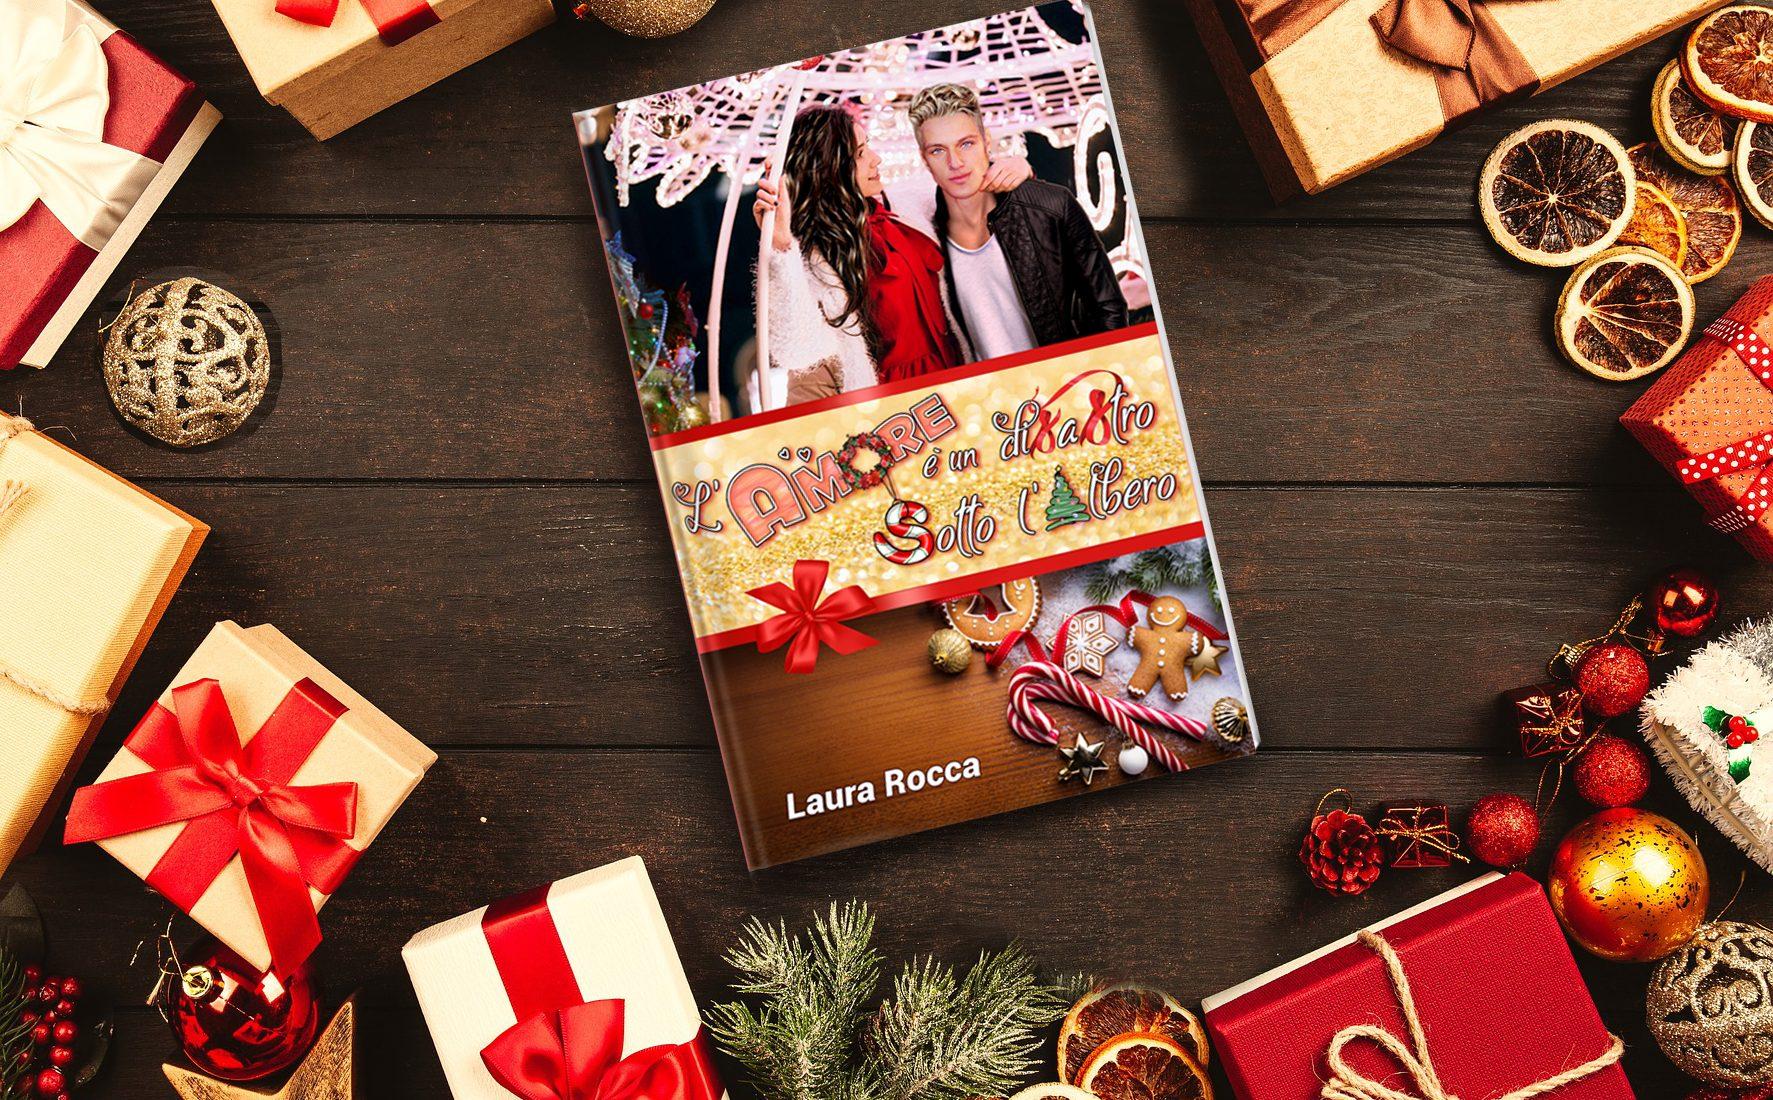 Laura Rocca - L'amore è un disastro sotto l'albero libro natalizio